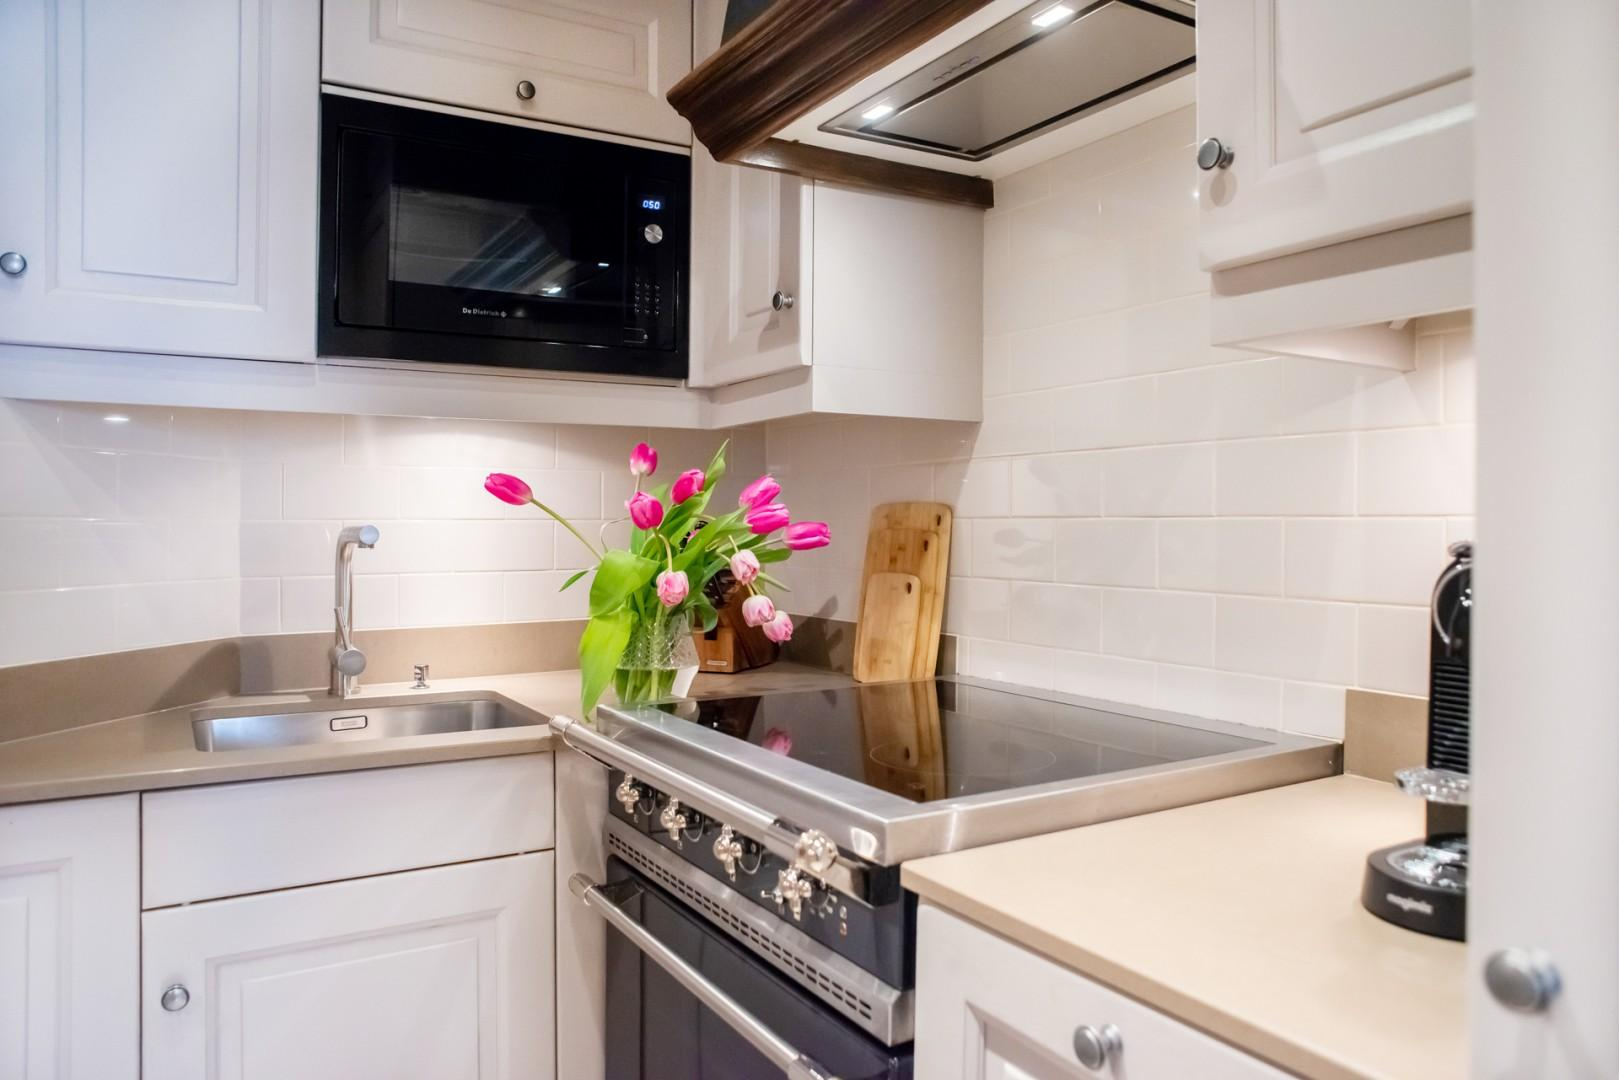 Enjoy preparing meals in this modern kitchen with a premium Lacanche range.